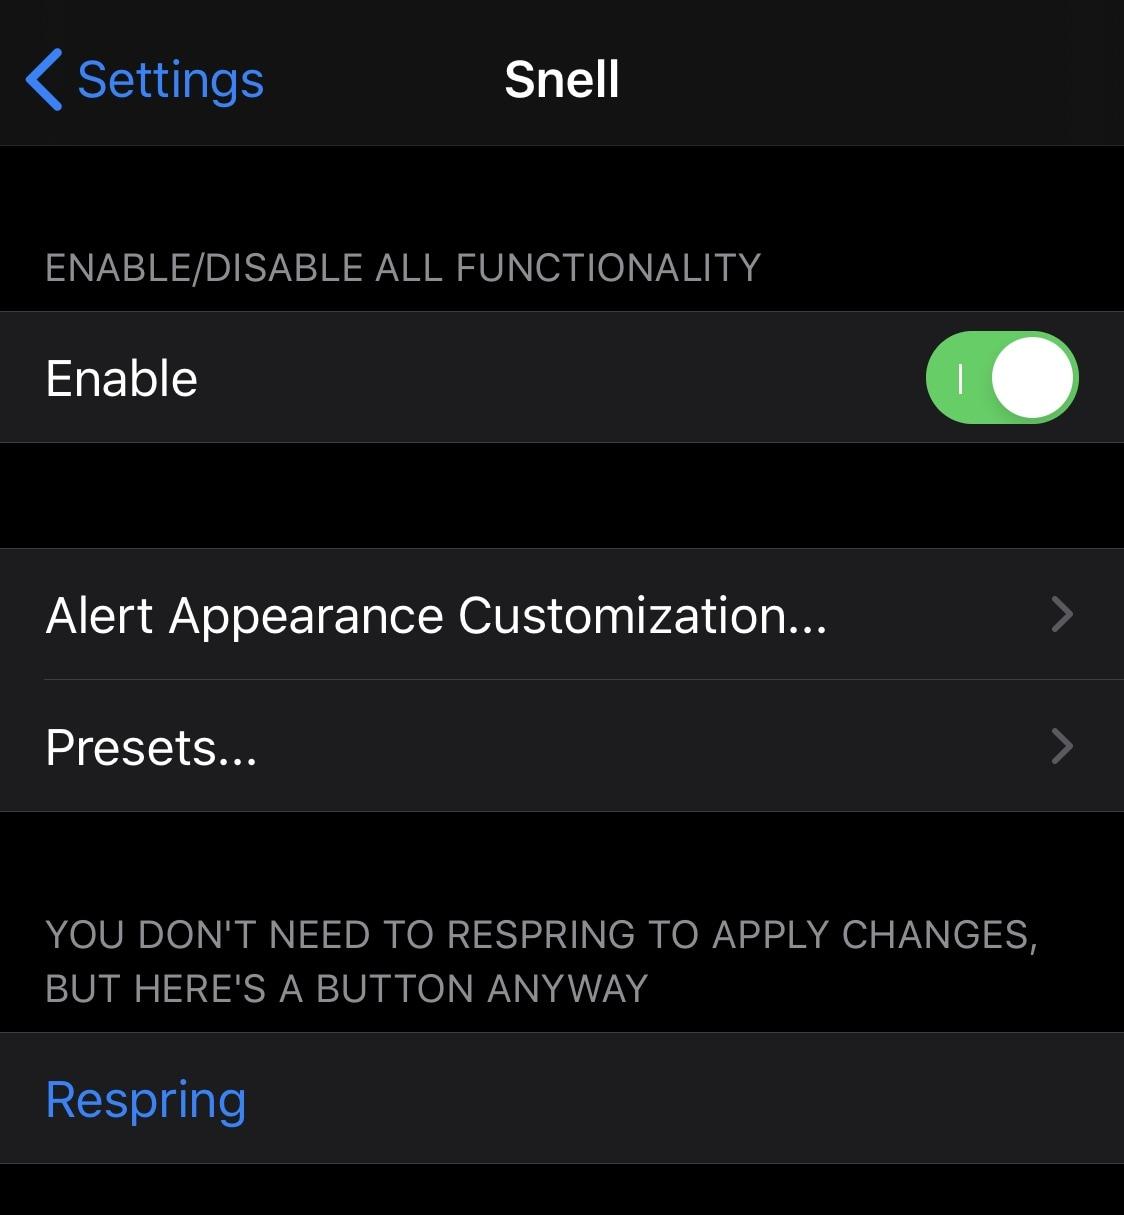 Thêm bất kỳ ký tự nào vào tin nhắn cảnh báo trên iPhone của bạn bằng Snell 2